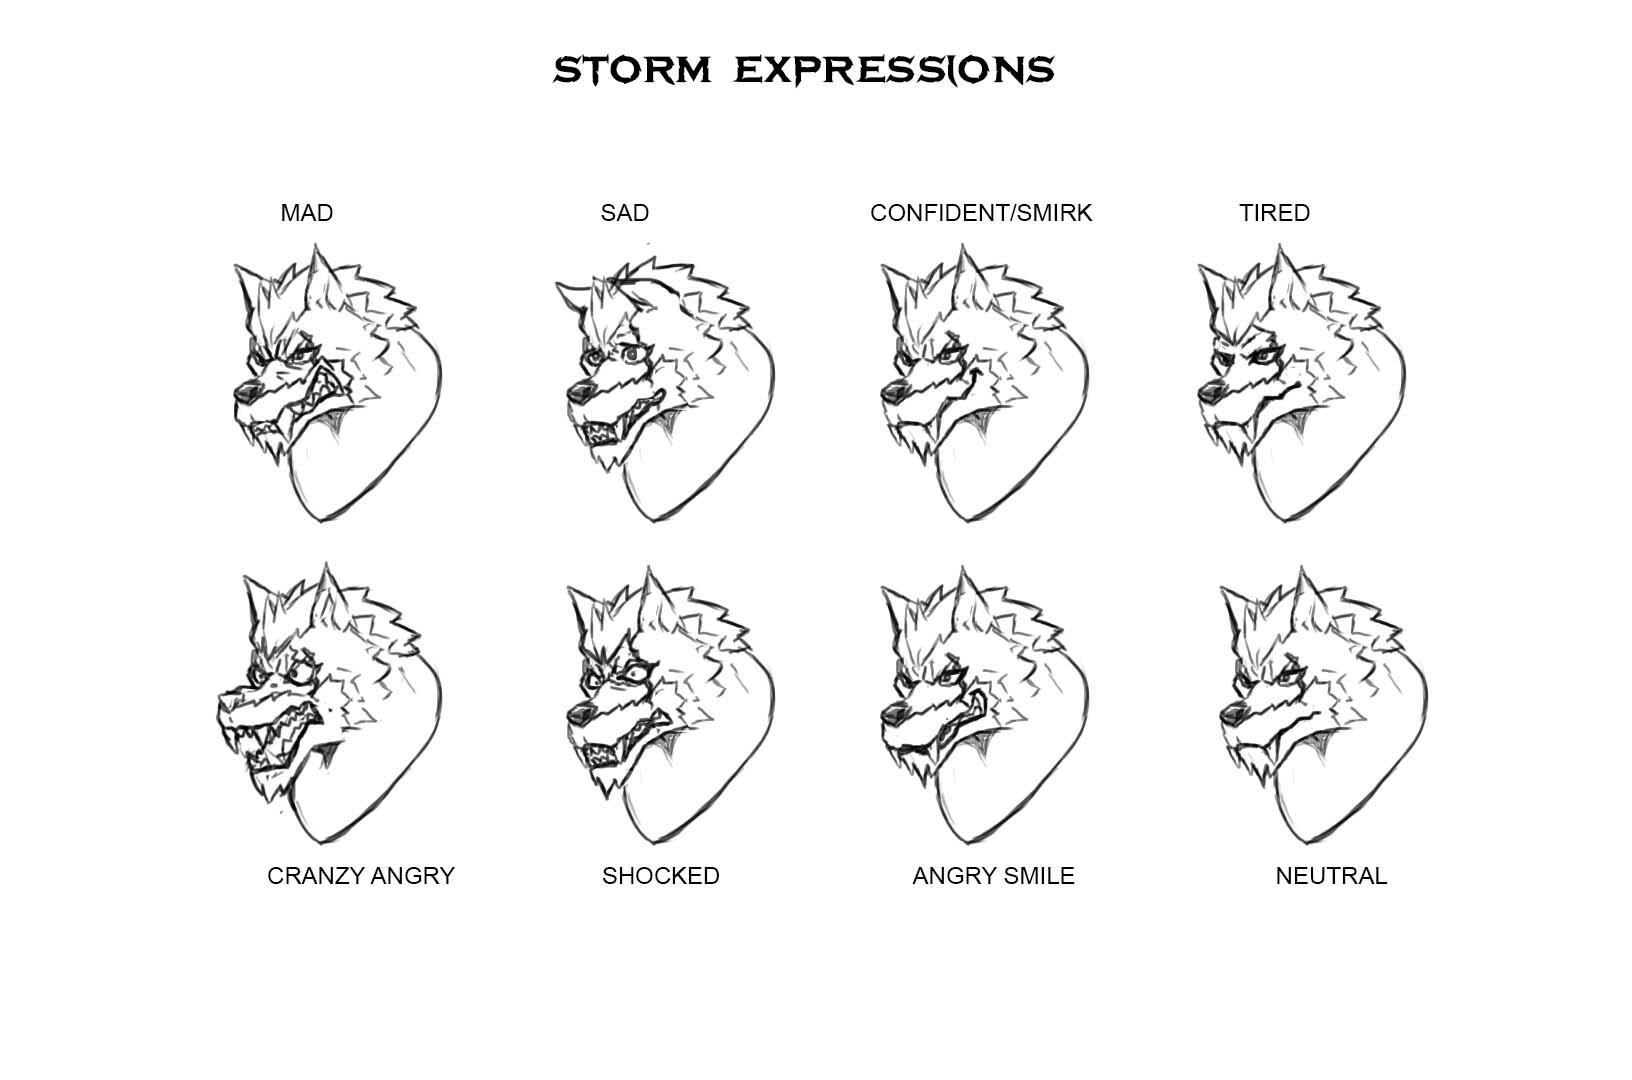 Ibrahim idris stormexpressions